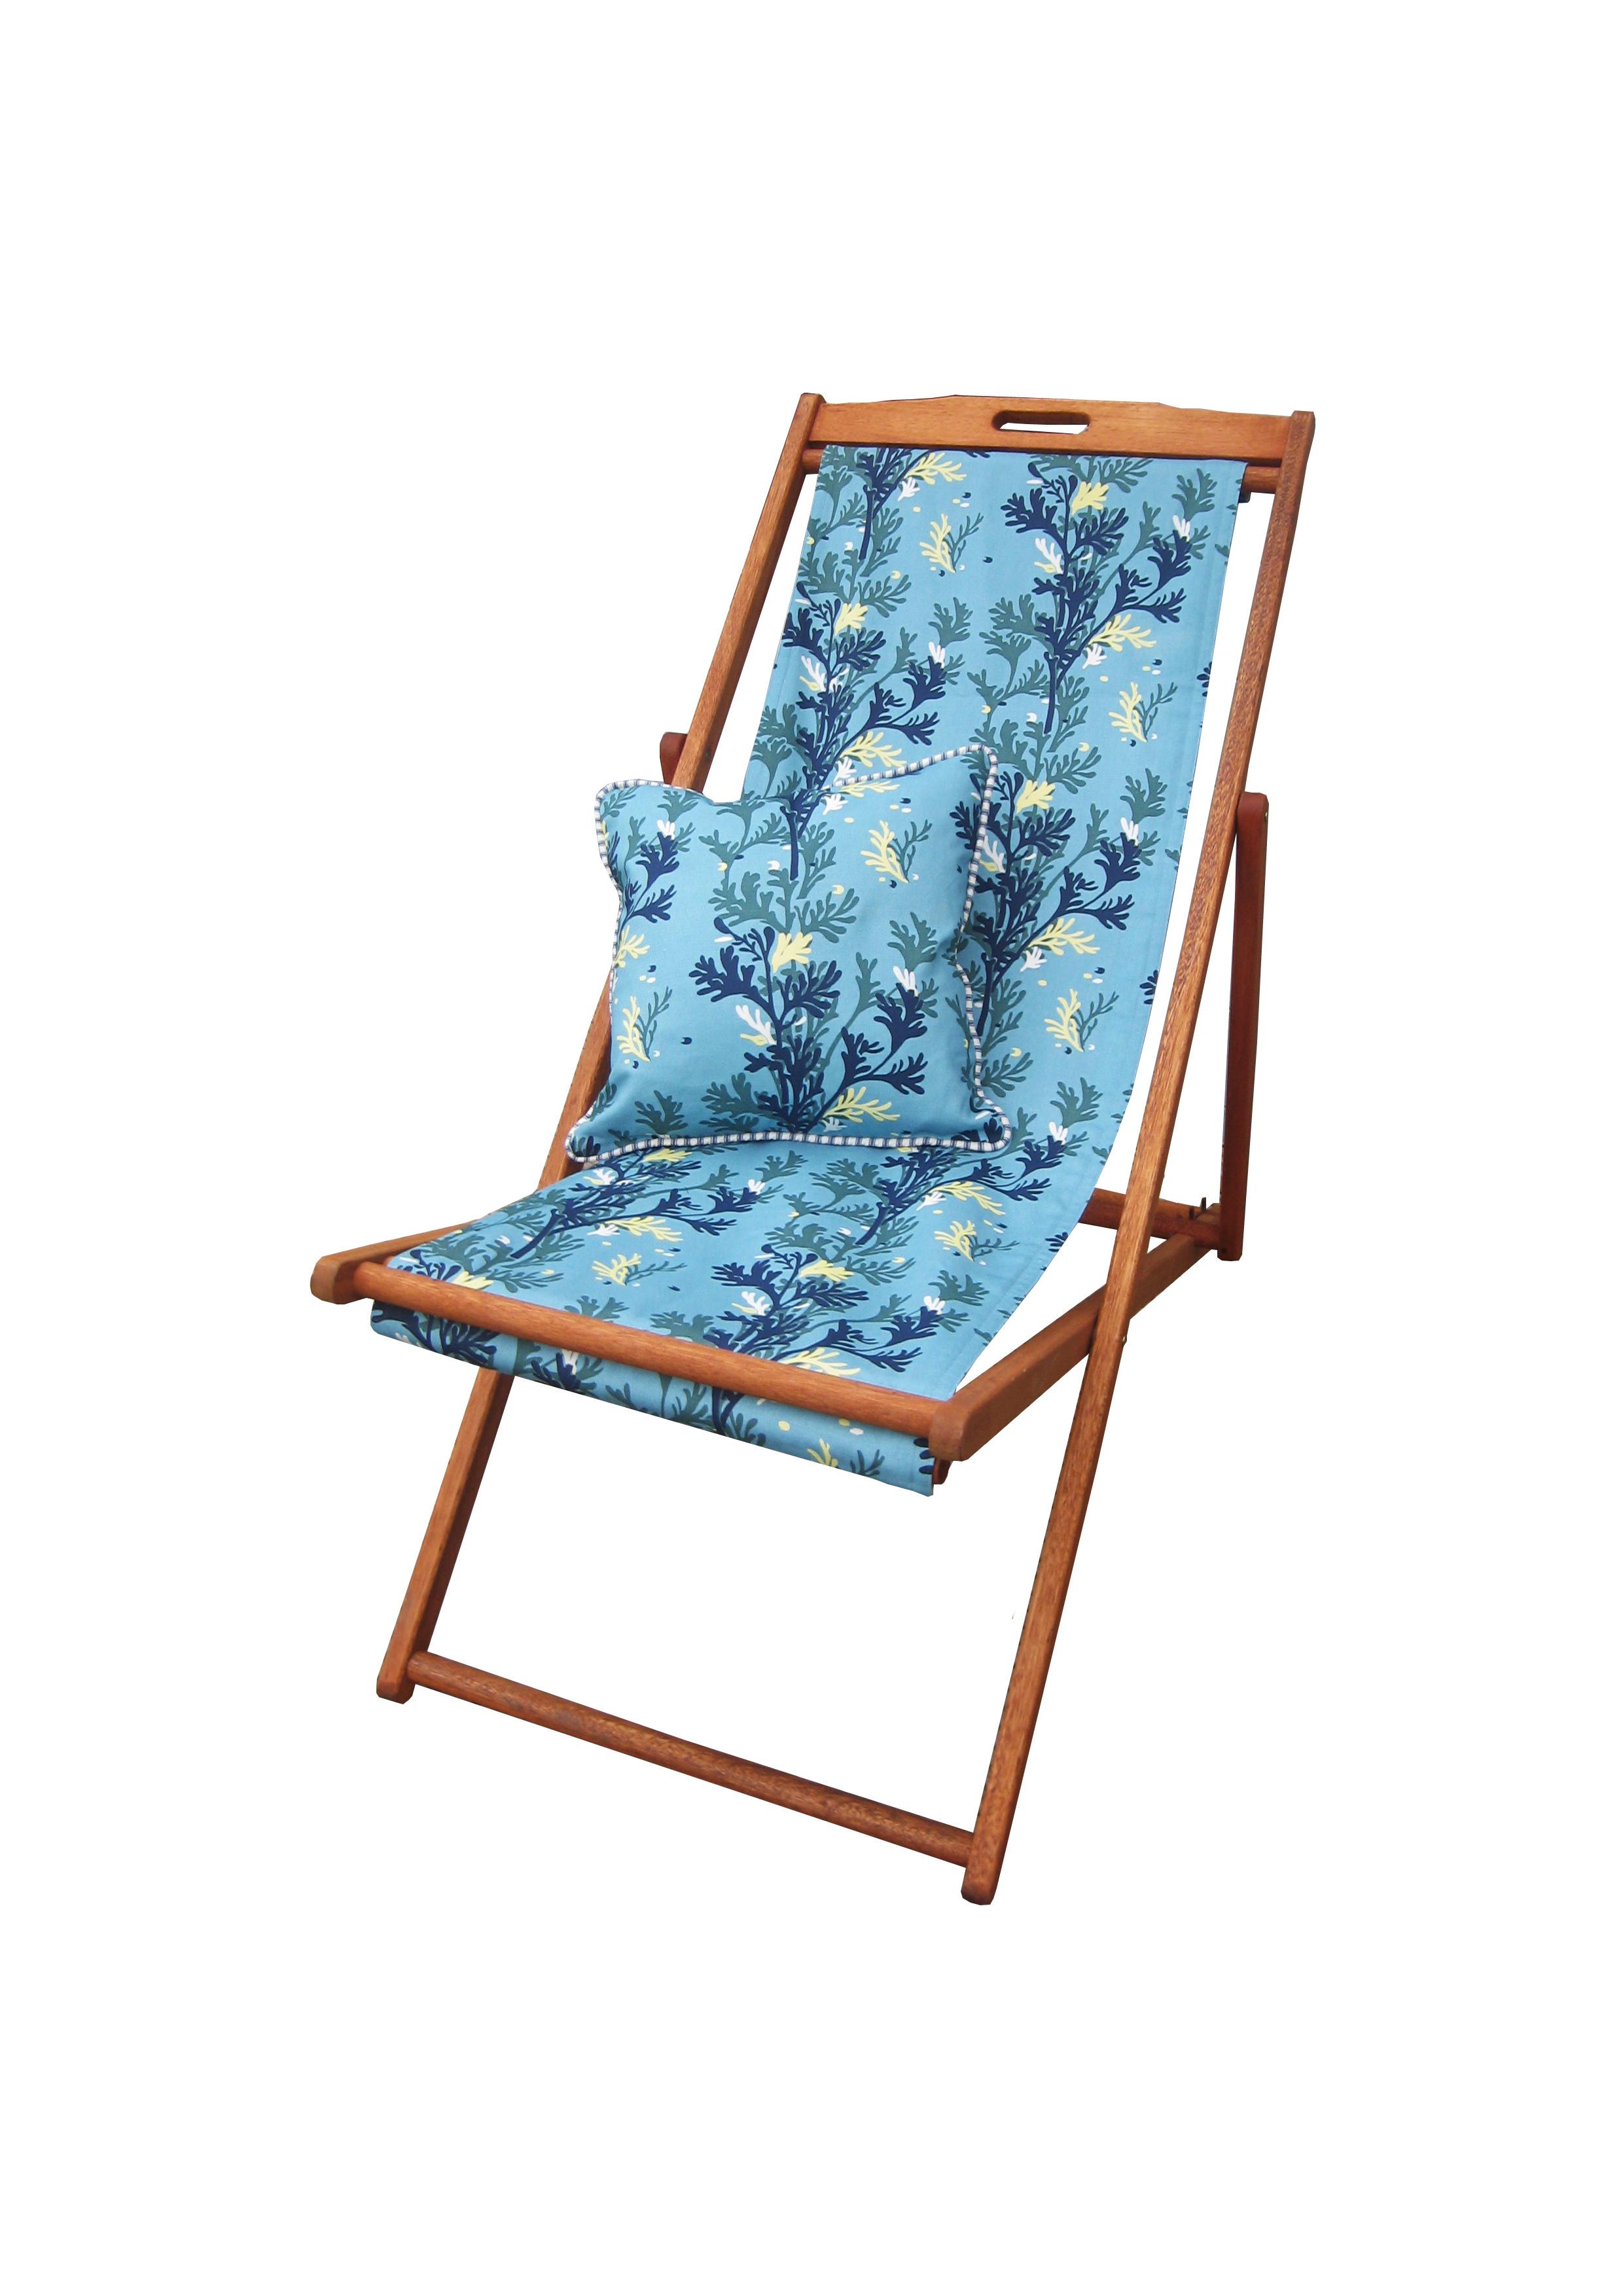 deckchair in seaweed blue fabric.jpg